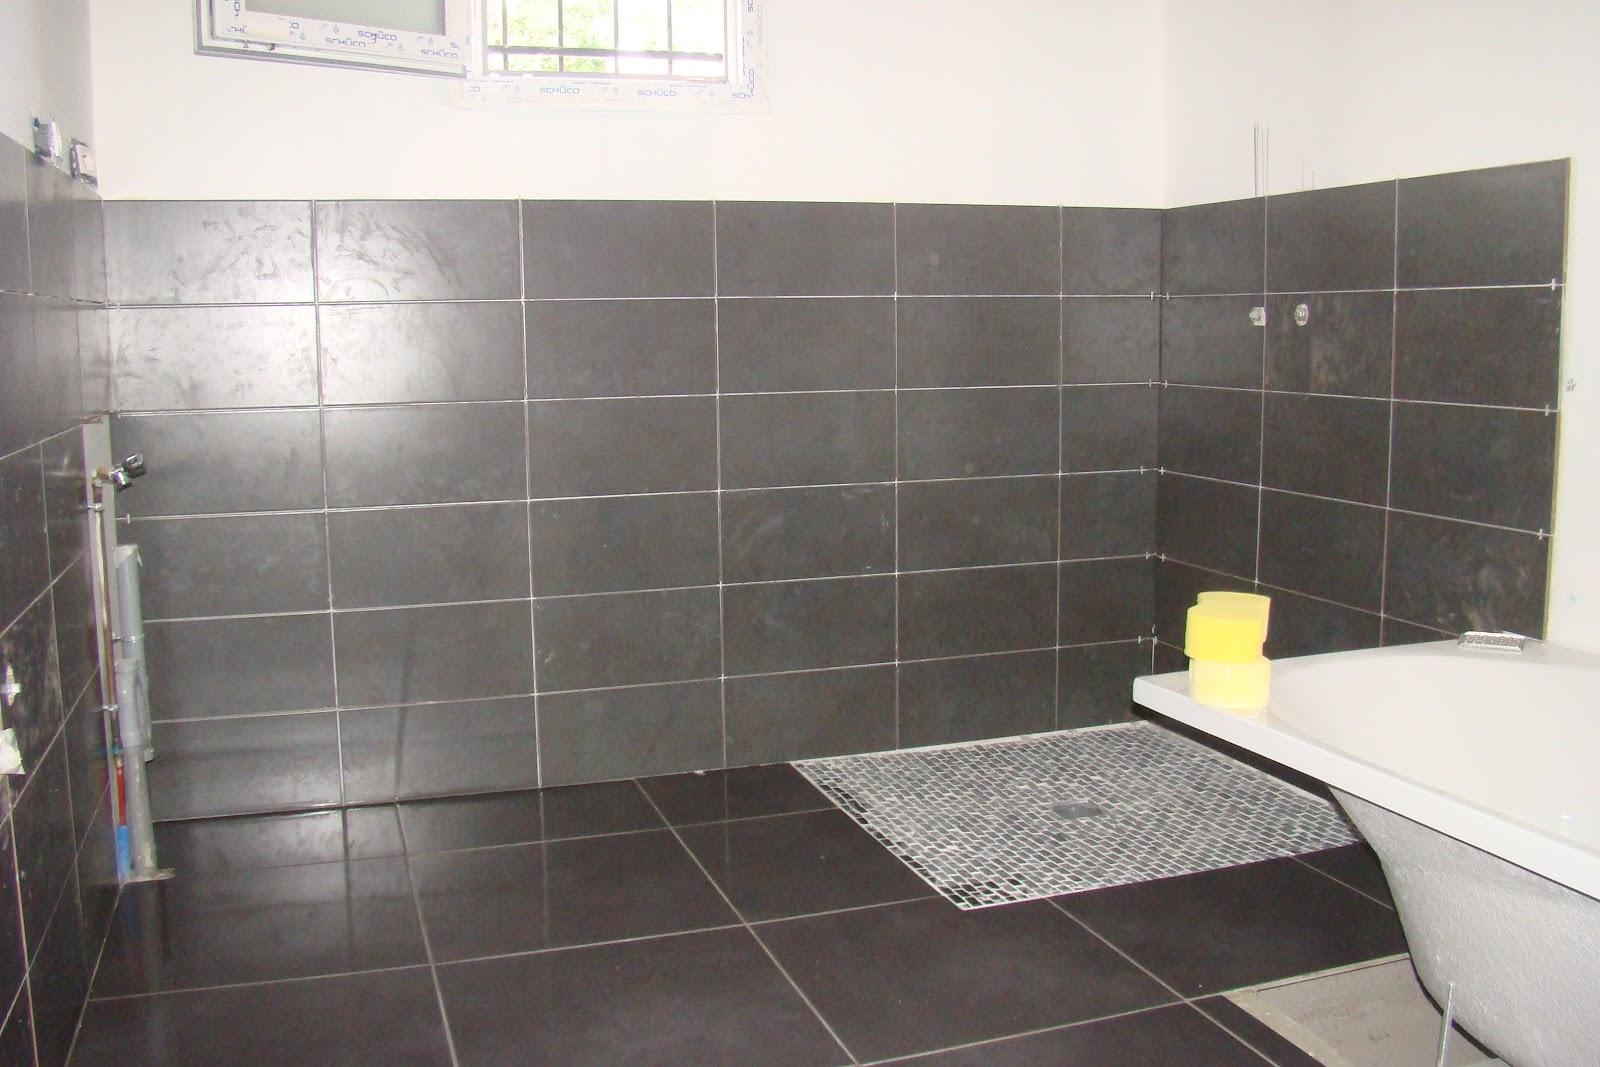 La maison de mat et nat la suite - Hauteur faience salle de bain ...